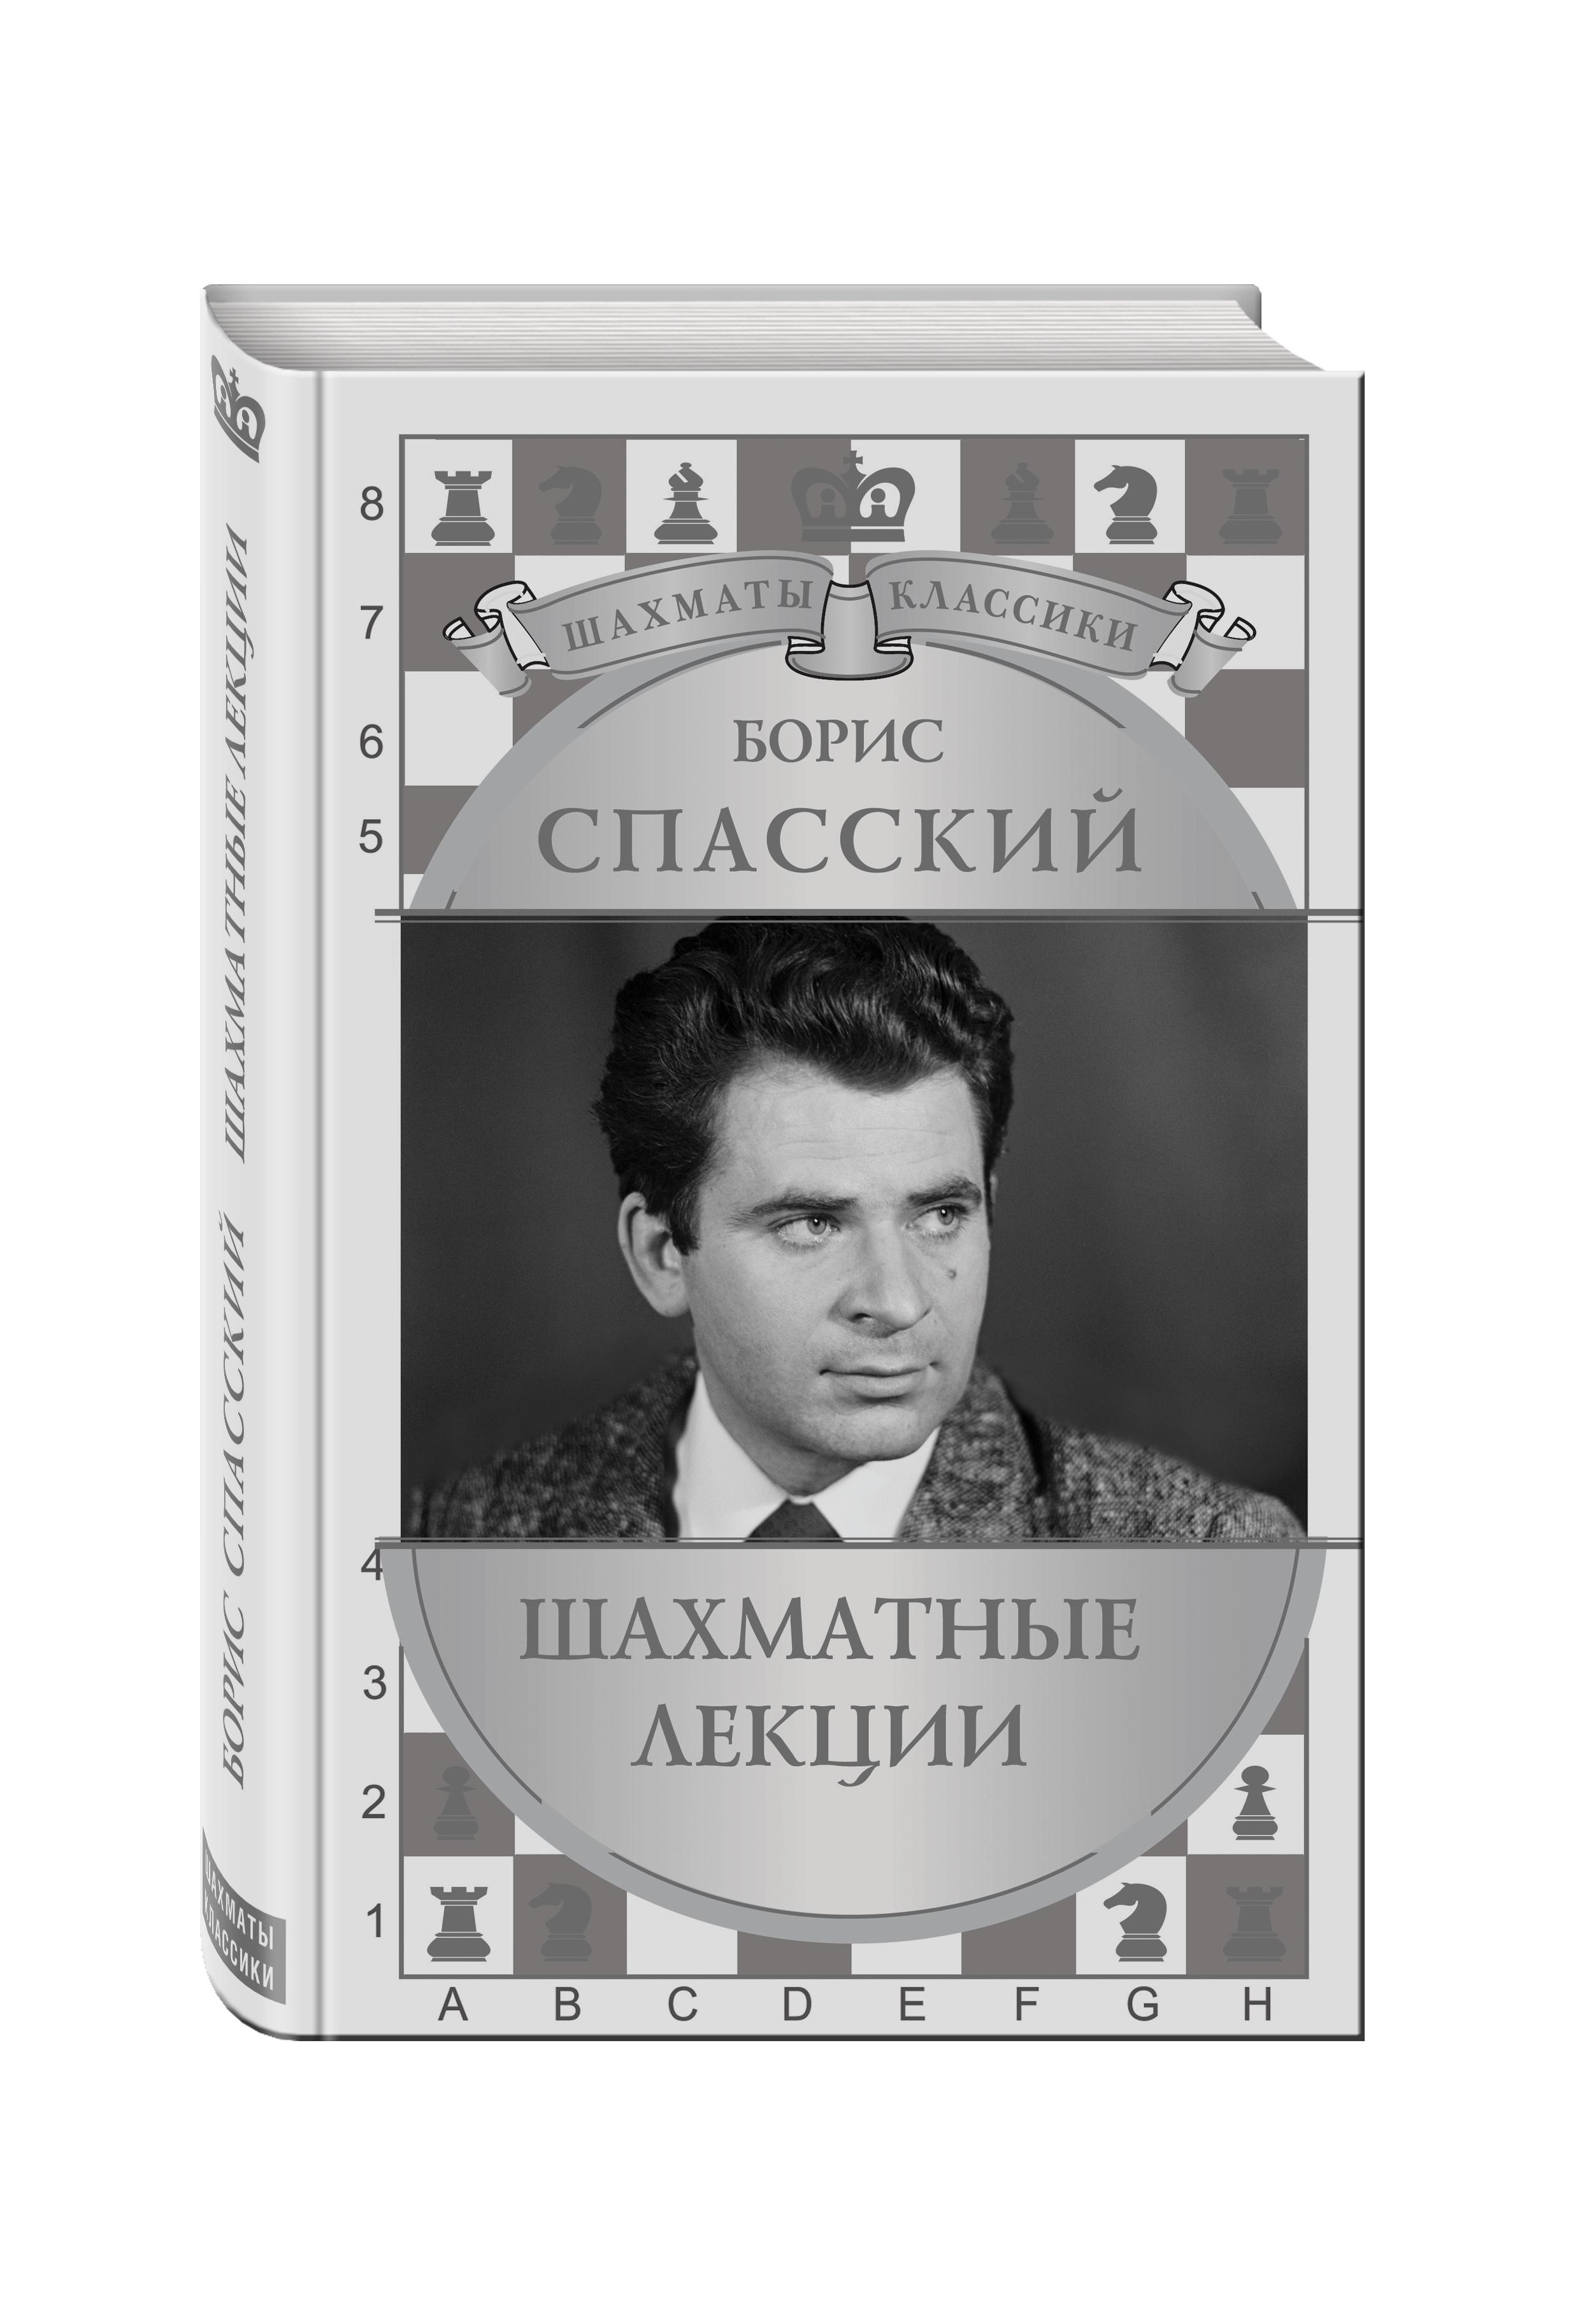 Калиниченко Н. Борис Спасский. Шахматные лекции